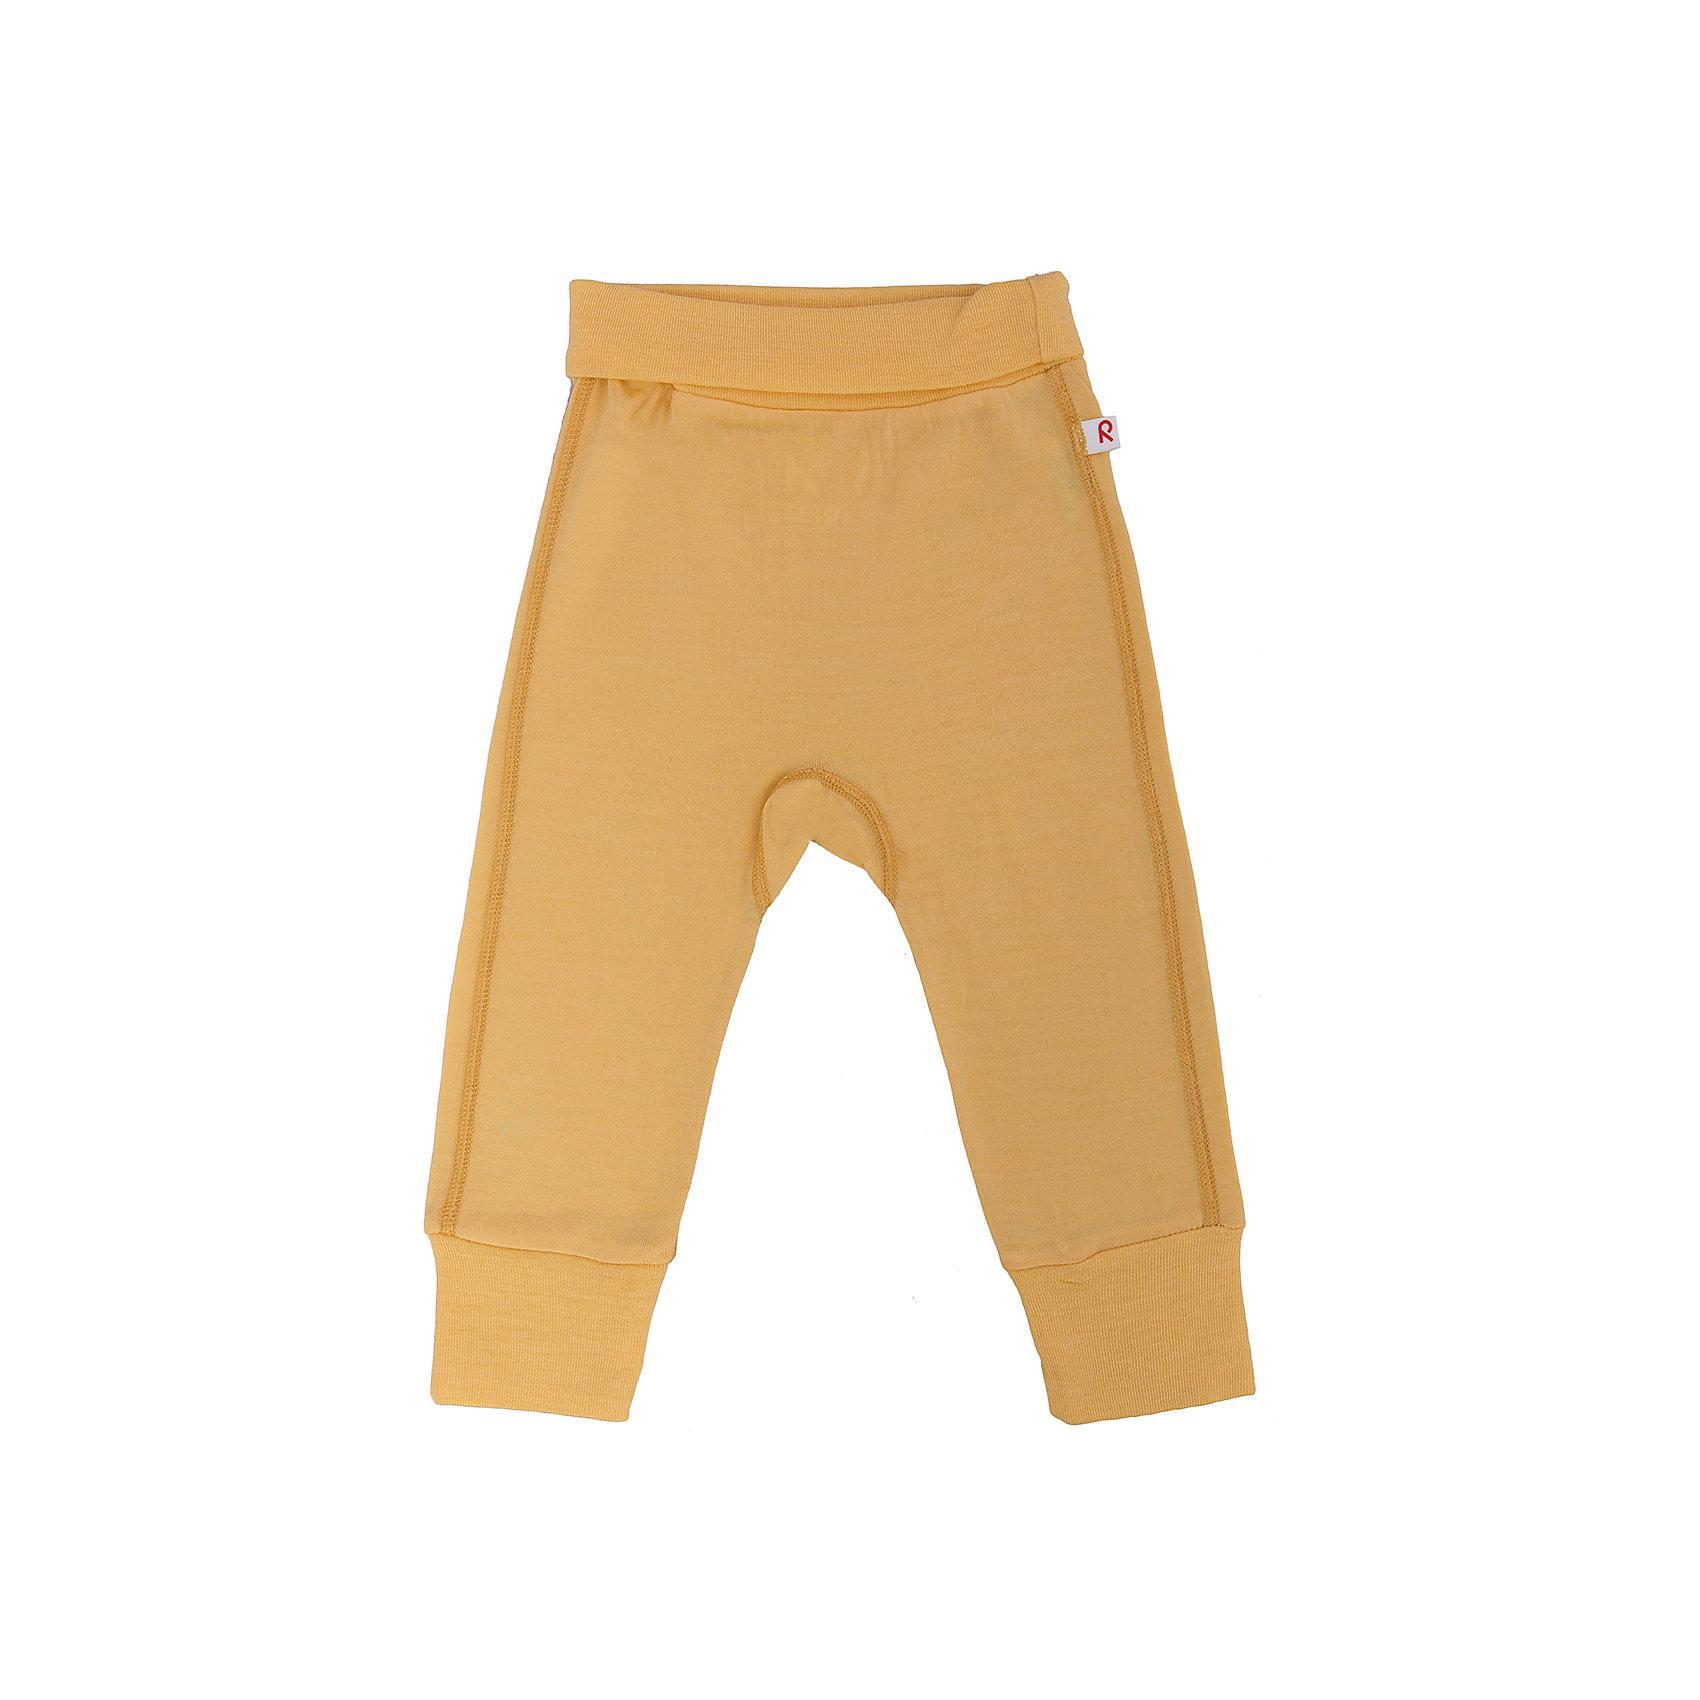 Брюки ReimaБрюки Reima (Рейма), оранжевый от известного финского производителя теплой детской одежды Reima. Выполнены из шерсти высокого качества, которая не раздражает нежную кожу ребенка. Изделие устойчиво к изменению формы и цвета даже при длительном использовании. Форма брюк выполнена с анатомическими особенностями маленьких детей: изделие имеет высокую посадку, широкую эластичную резинку и манжеты на штанинах, что обеспечивает удобство, комфорт и сохранение тепла. Плоские швы выполнены снаружи. Брюки можно носить в качестве верхнего слоя одежды в прохладную погоду или использовать как нижний слой под теплую одежду.<br><br>Дополнительная информация:<br><br>- Предназначение: повседневная одежда<br>- Цвет: оранжевый<br>- Пол: для мальчика/для девочки<br>- Состав: 100% шерсть<br>- Сезон: круглый год<br>- Особенности ухода: стирать, предварительно вывернув изделие на левую сторону, не использовать отбеливающие вещества<br><br>Подробнее:<br><br>• Для детей в возрасте: от 0 месяцев и до 2 лет<br>• Страна производитель: Китай<br>• Торговый бренд: Reima, Финляндия<br><br>Брюки Reima (Рейма), оранжевый можно купить в нашем интернет-магазине.<br><br>Ширина мм: 215<br>Глубина мм: 88<br>Высота мм: 191<br>Вес г: 336<br>Цвет: желтый<br>Возраст от месяцев: 0<br>Возраст до месяцев: 1<br>Пол: Унисекс<br>Возраст: Детский<br>Размер: 50,68,62,56,74<br>SKU: 4653753